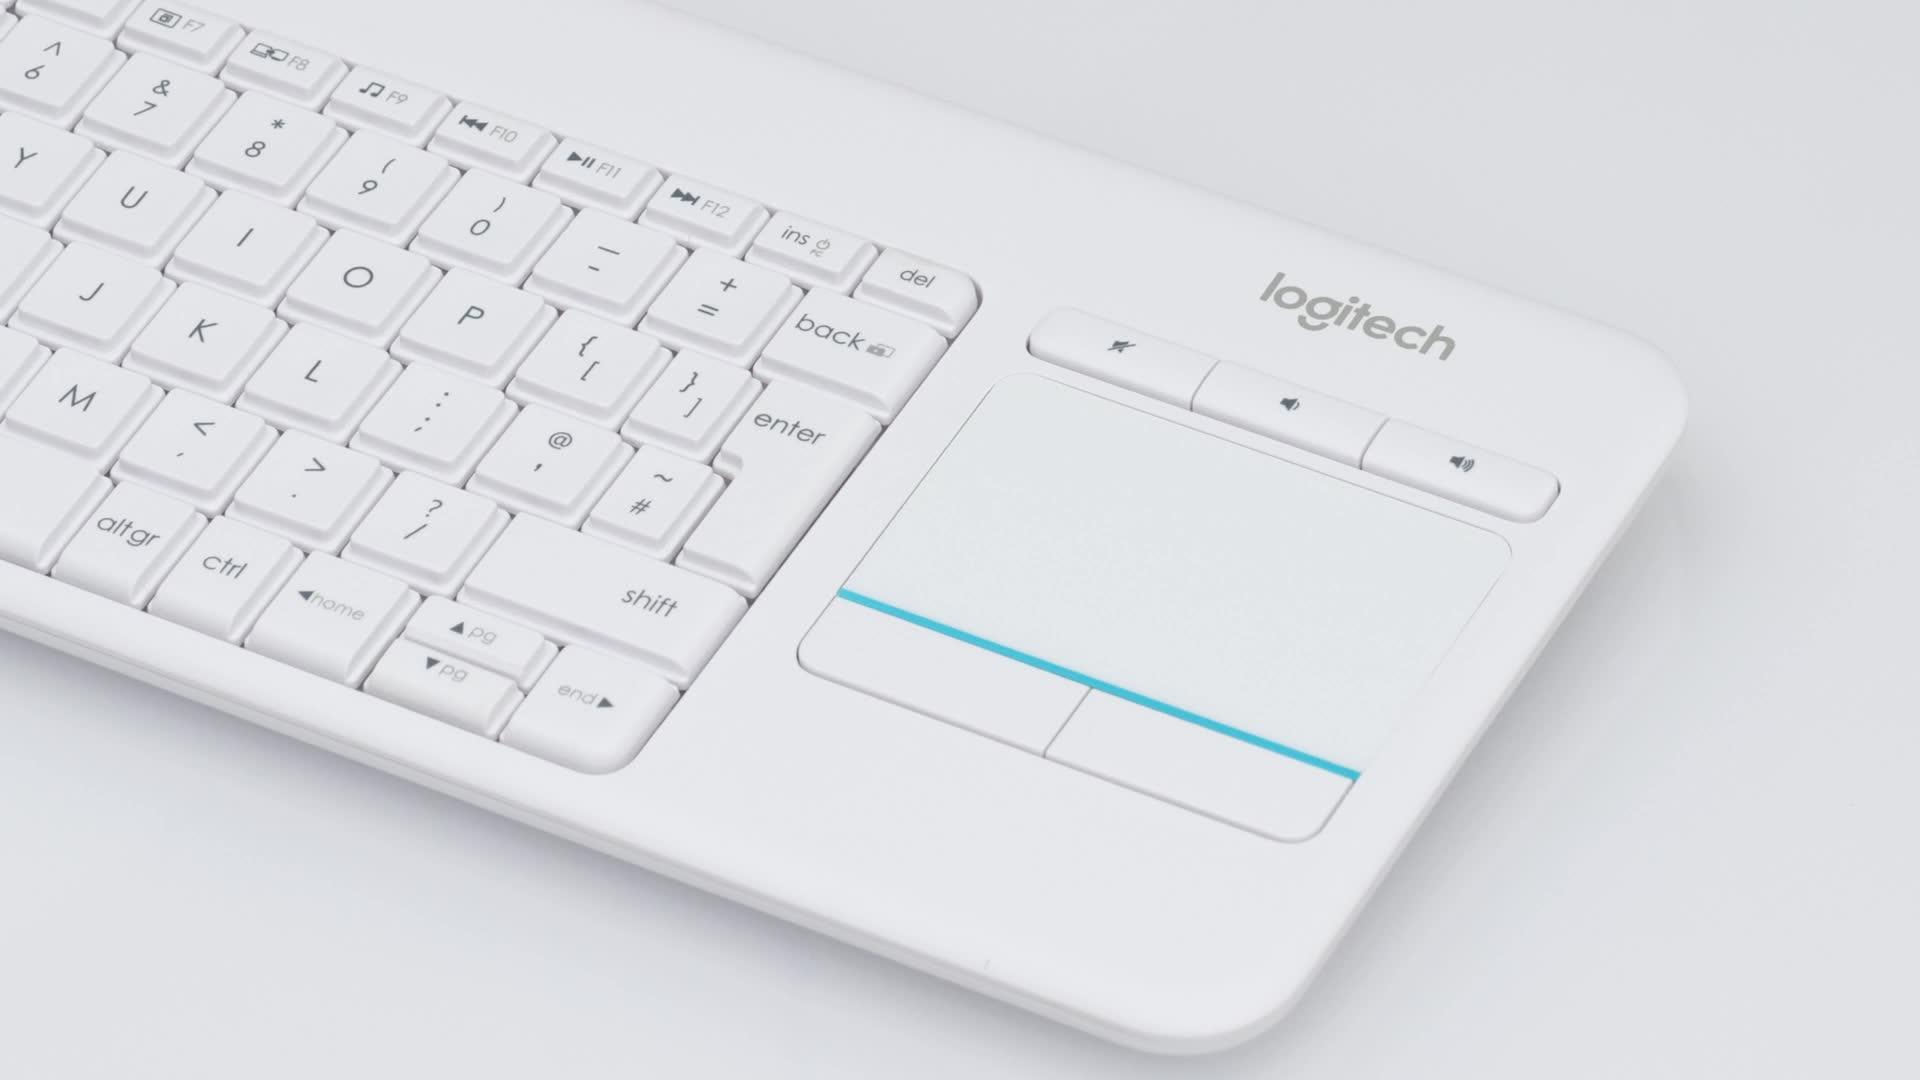 Logitech K400 Plus Teclado Inalámbrico con Touchpad para Televisores, Disposición QWERTY Inglés, Blanco